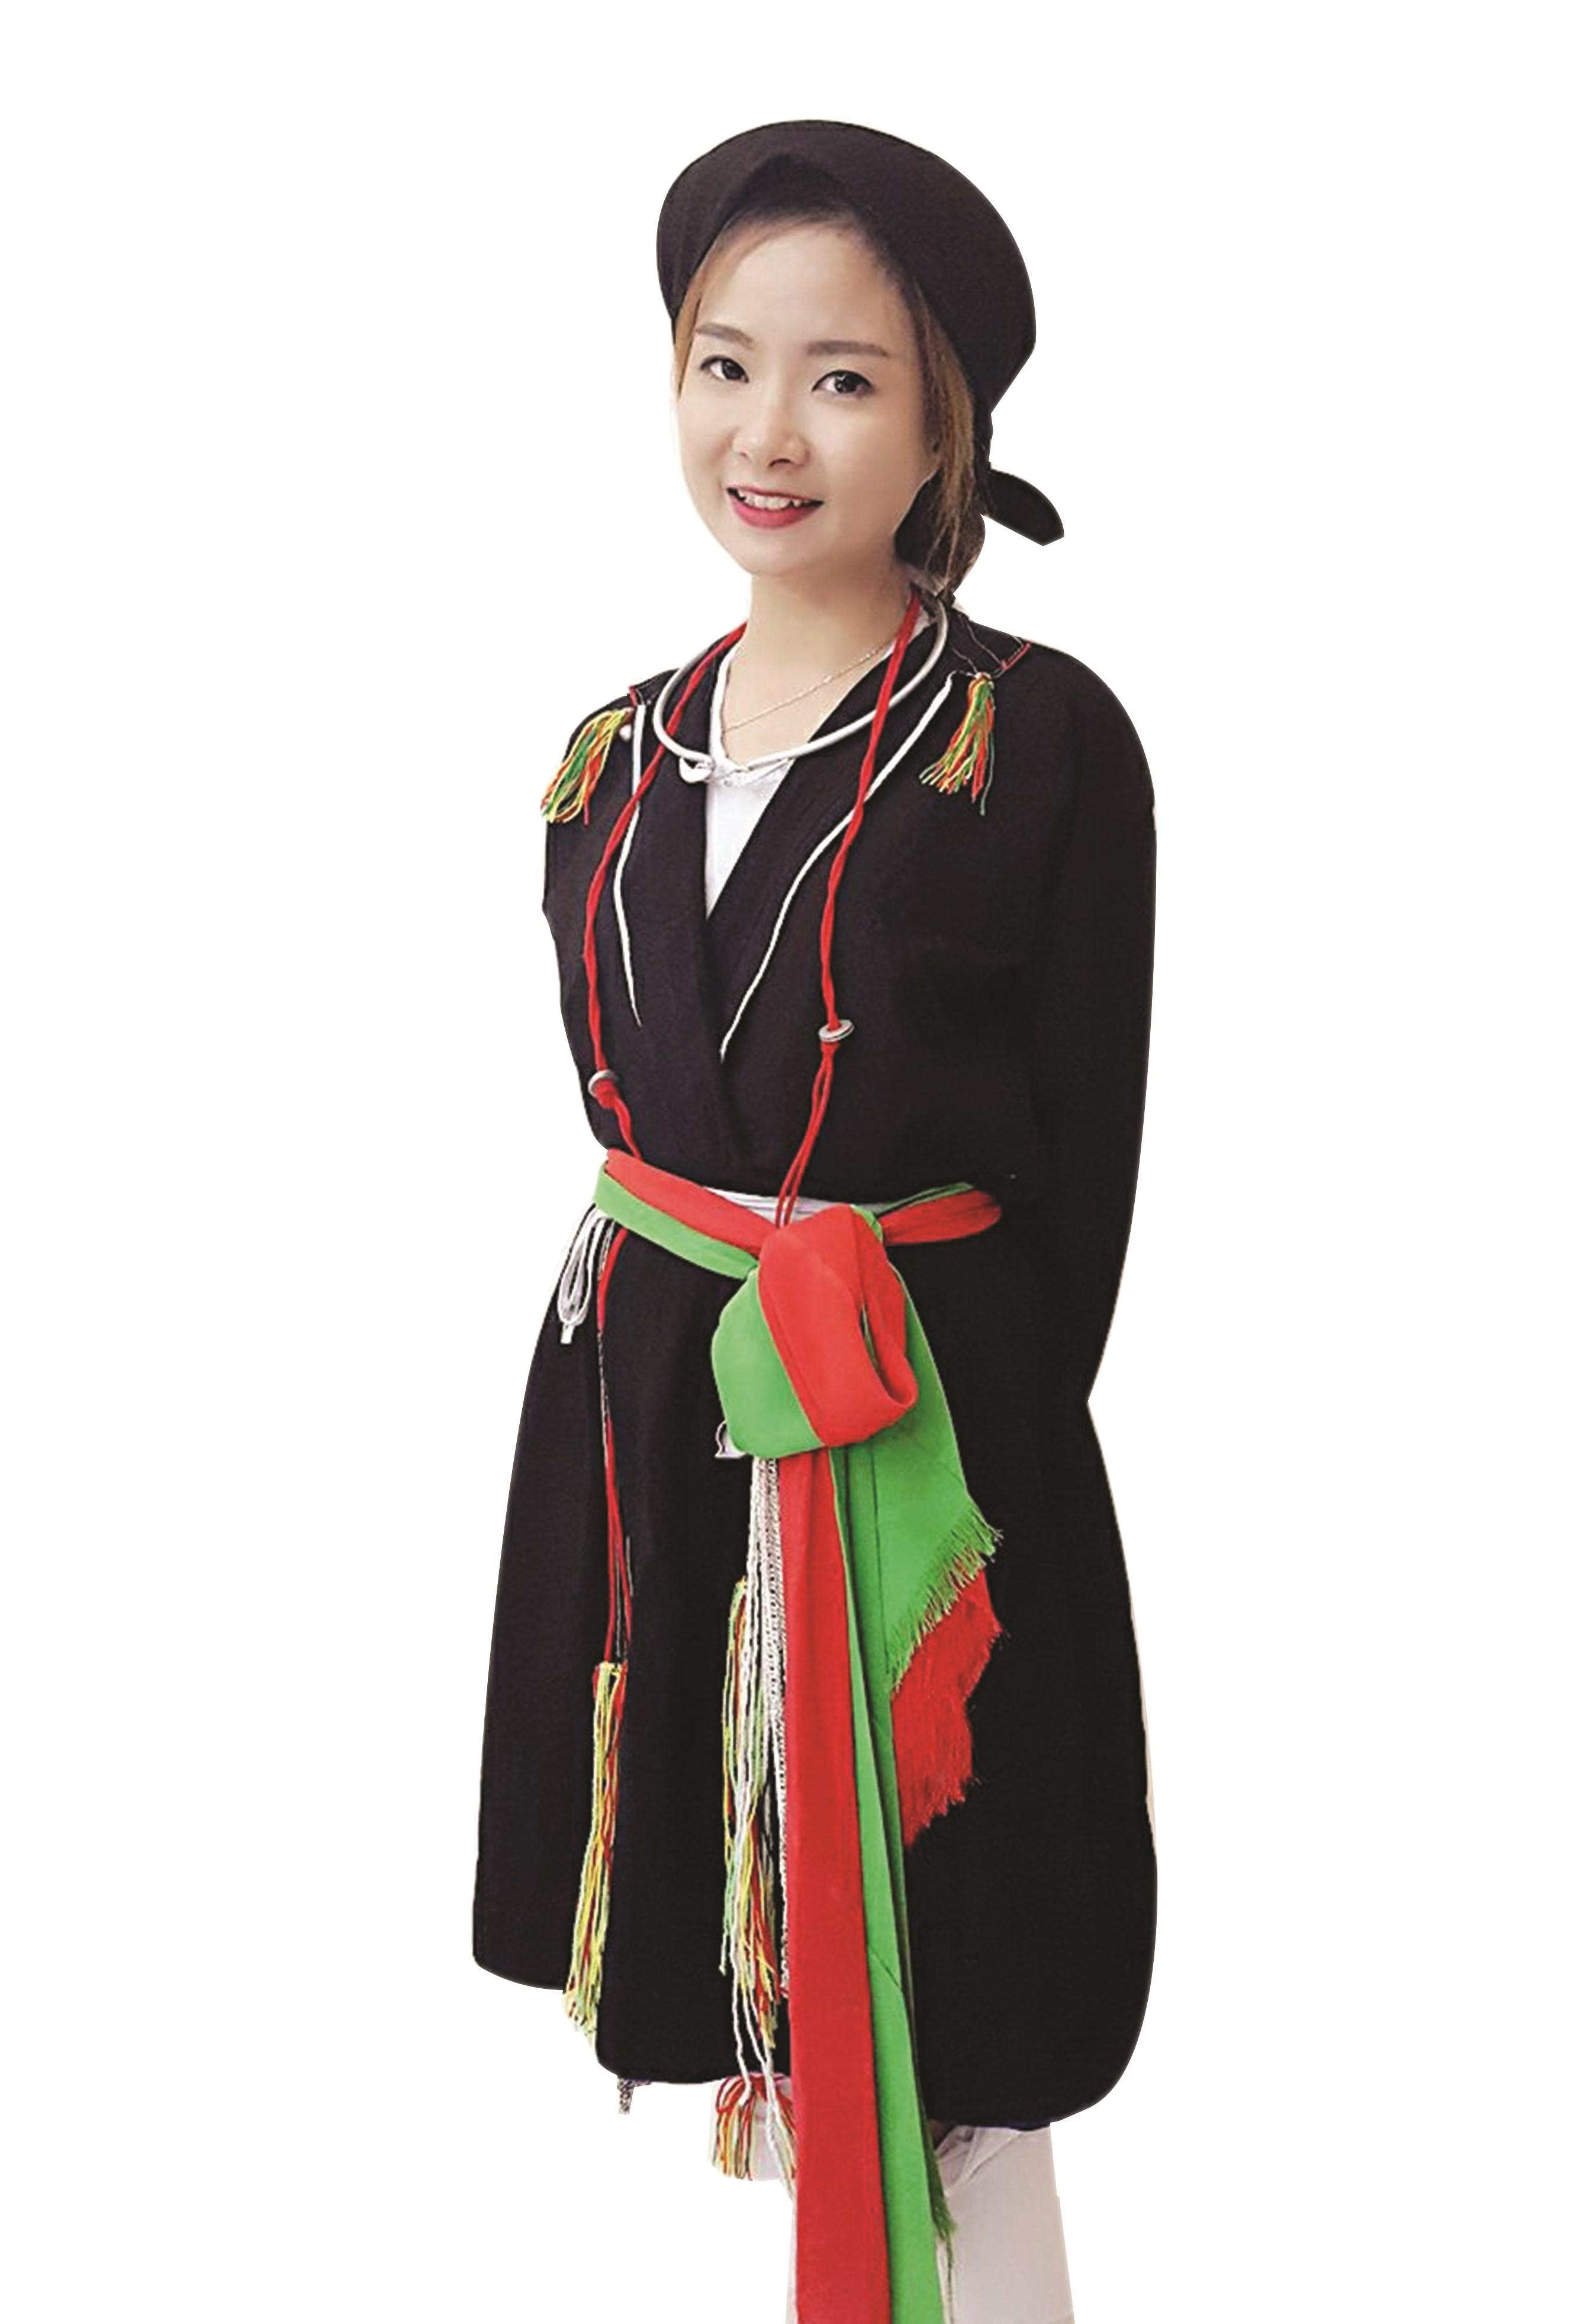 Phạm Thị Thùy Vân trong trang phục dân tộc Sán Dìu truyền thống.